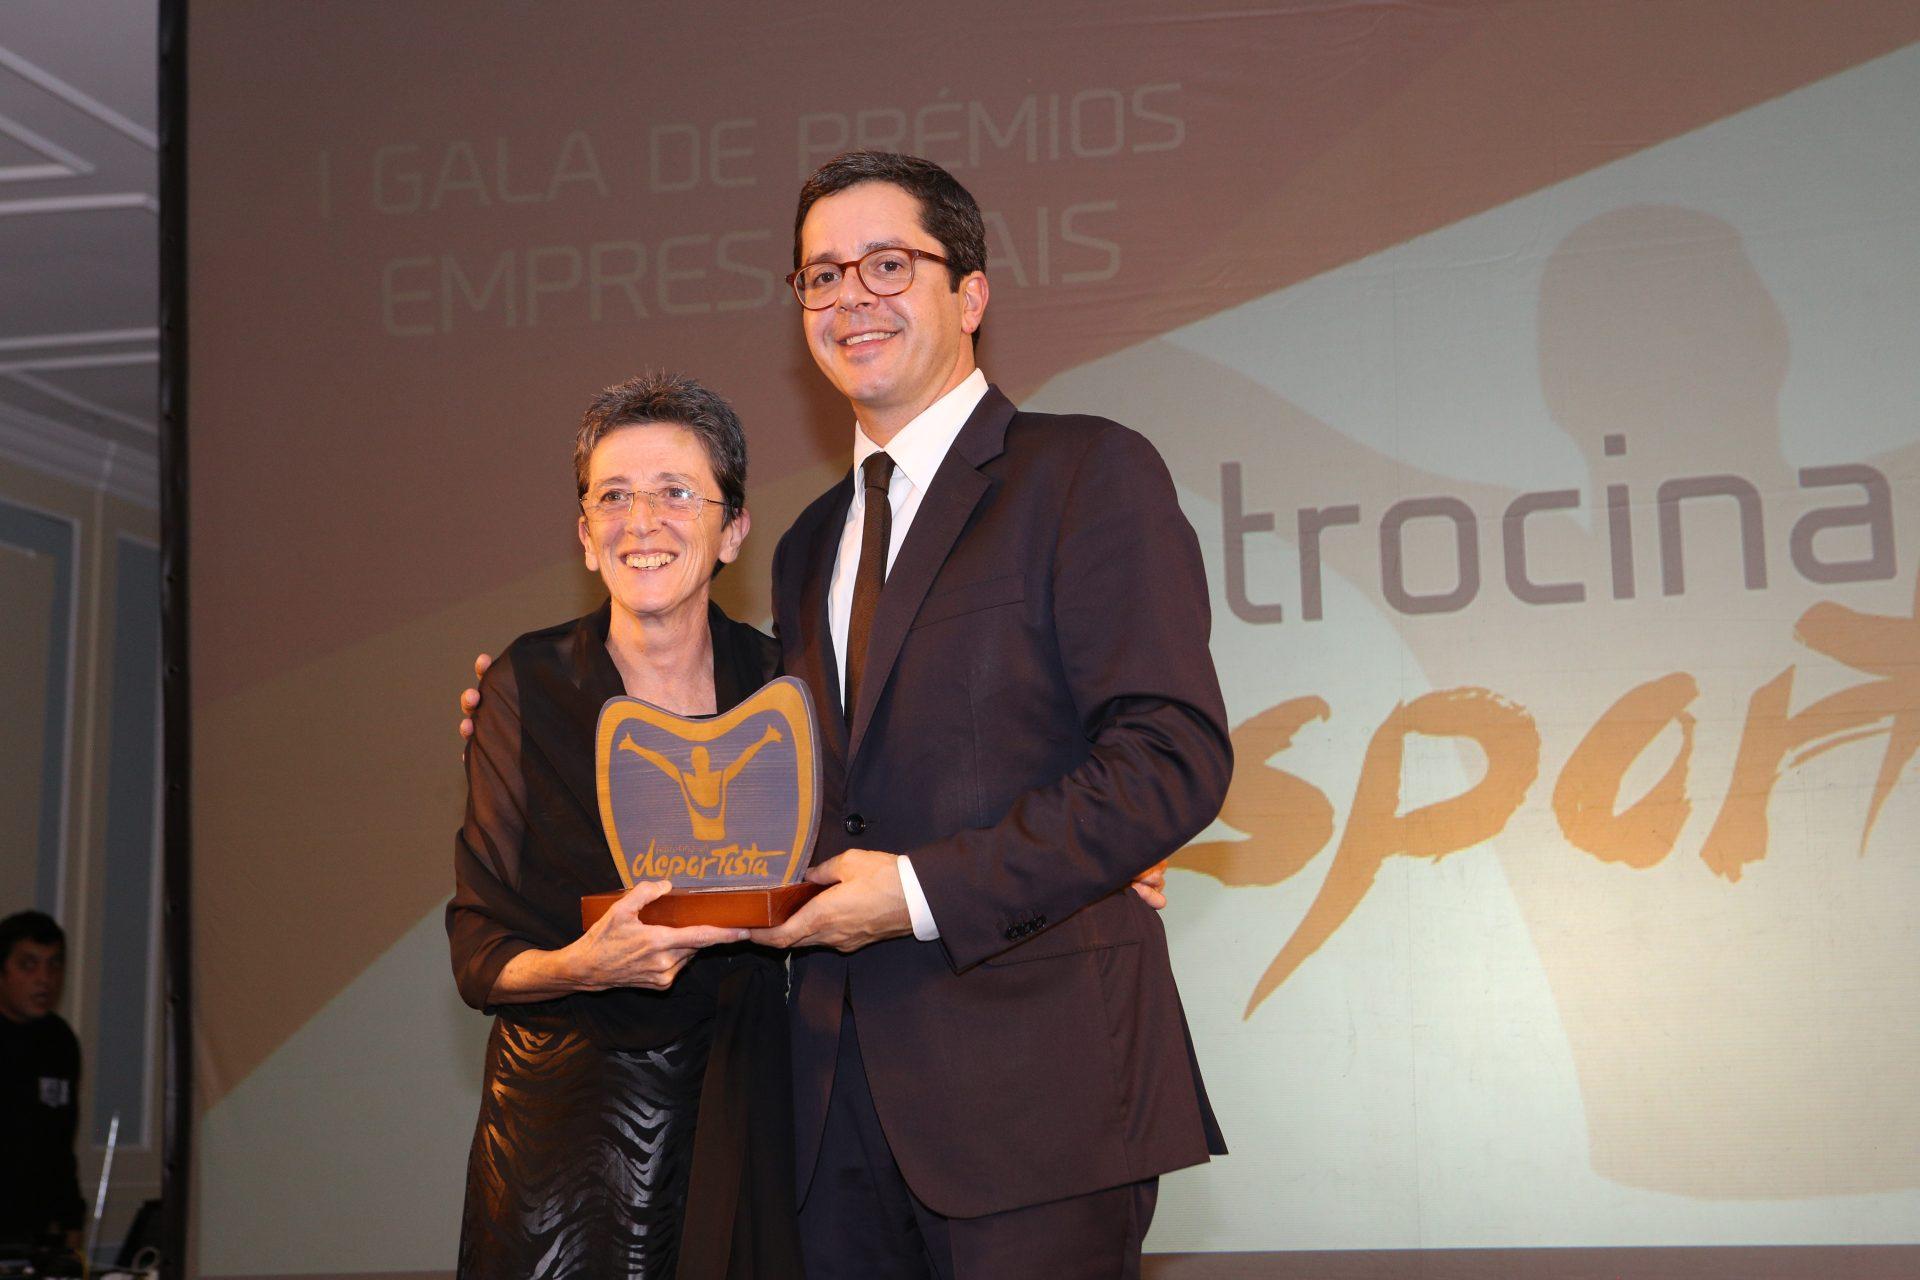 Rosa Mota, Santa Casa da Misericórdia de Lisboa e Seleção Feminina de Futsal protagonistas nos Prémios Empresariais Fundação do Desporto/Patrocina um Desportista